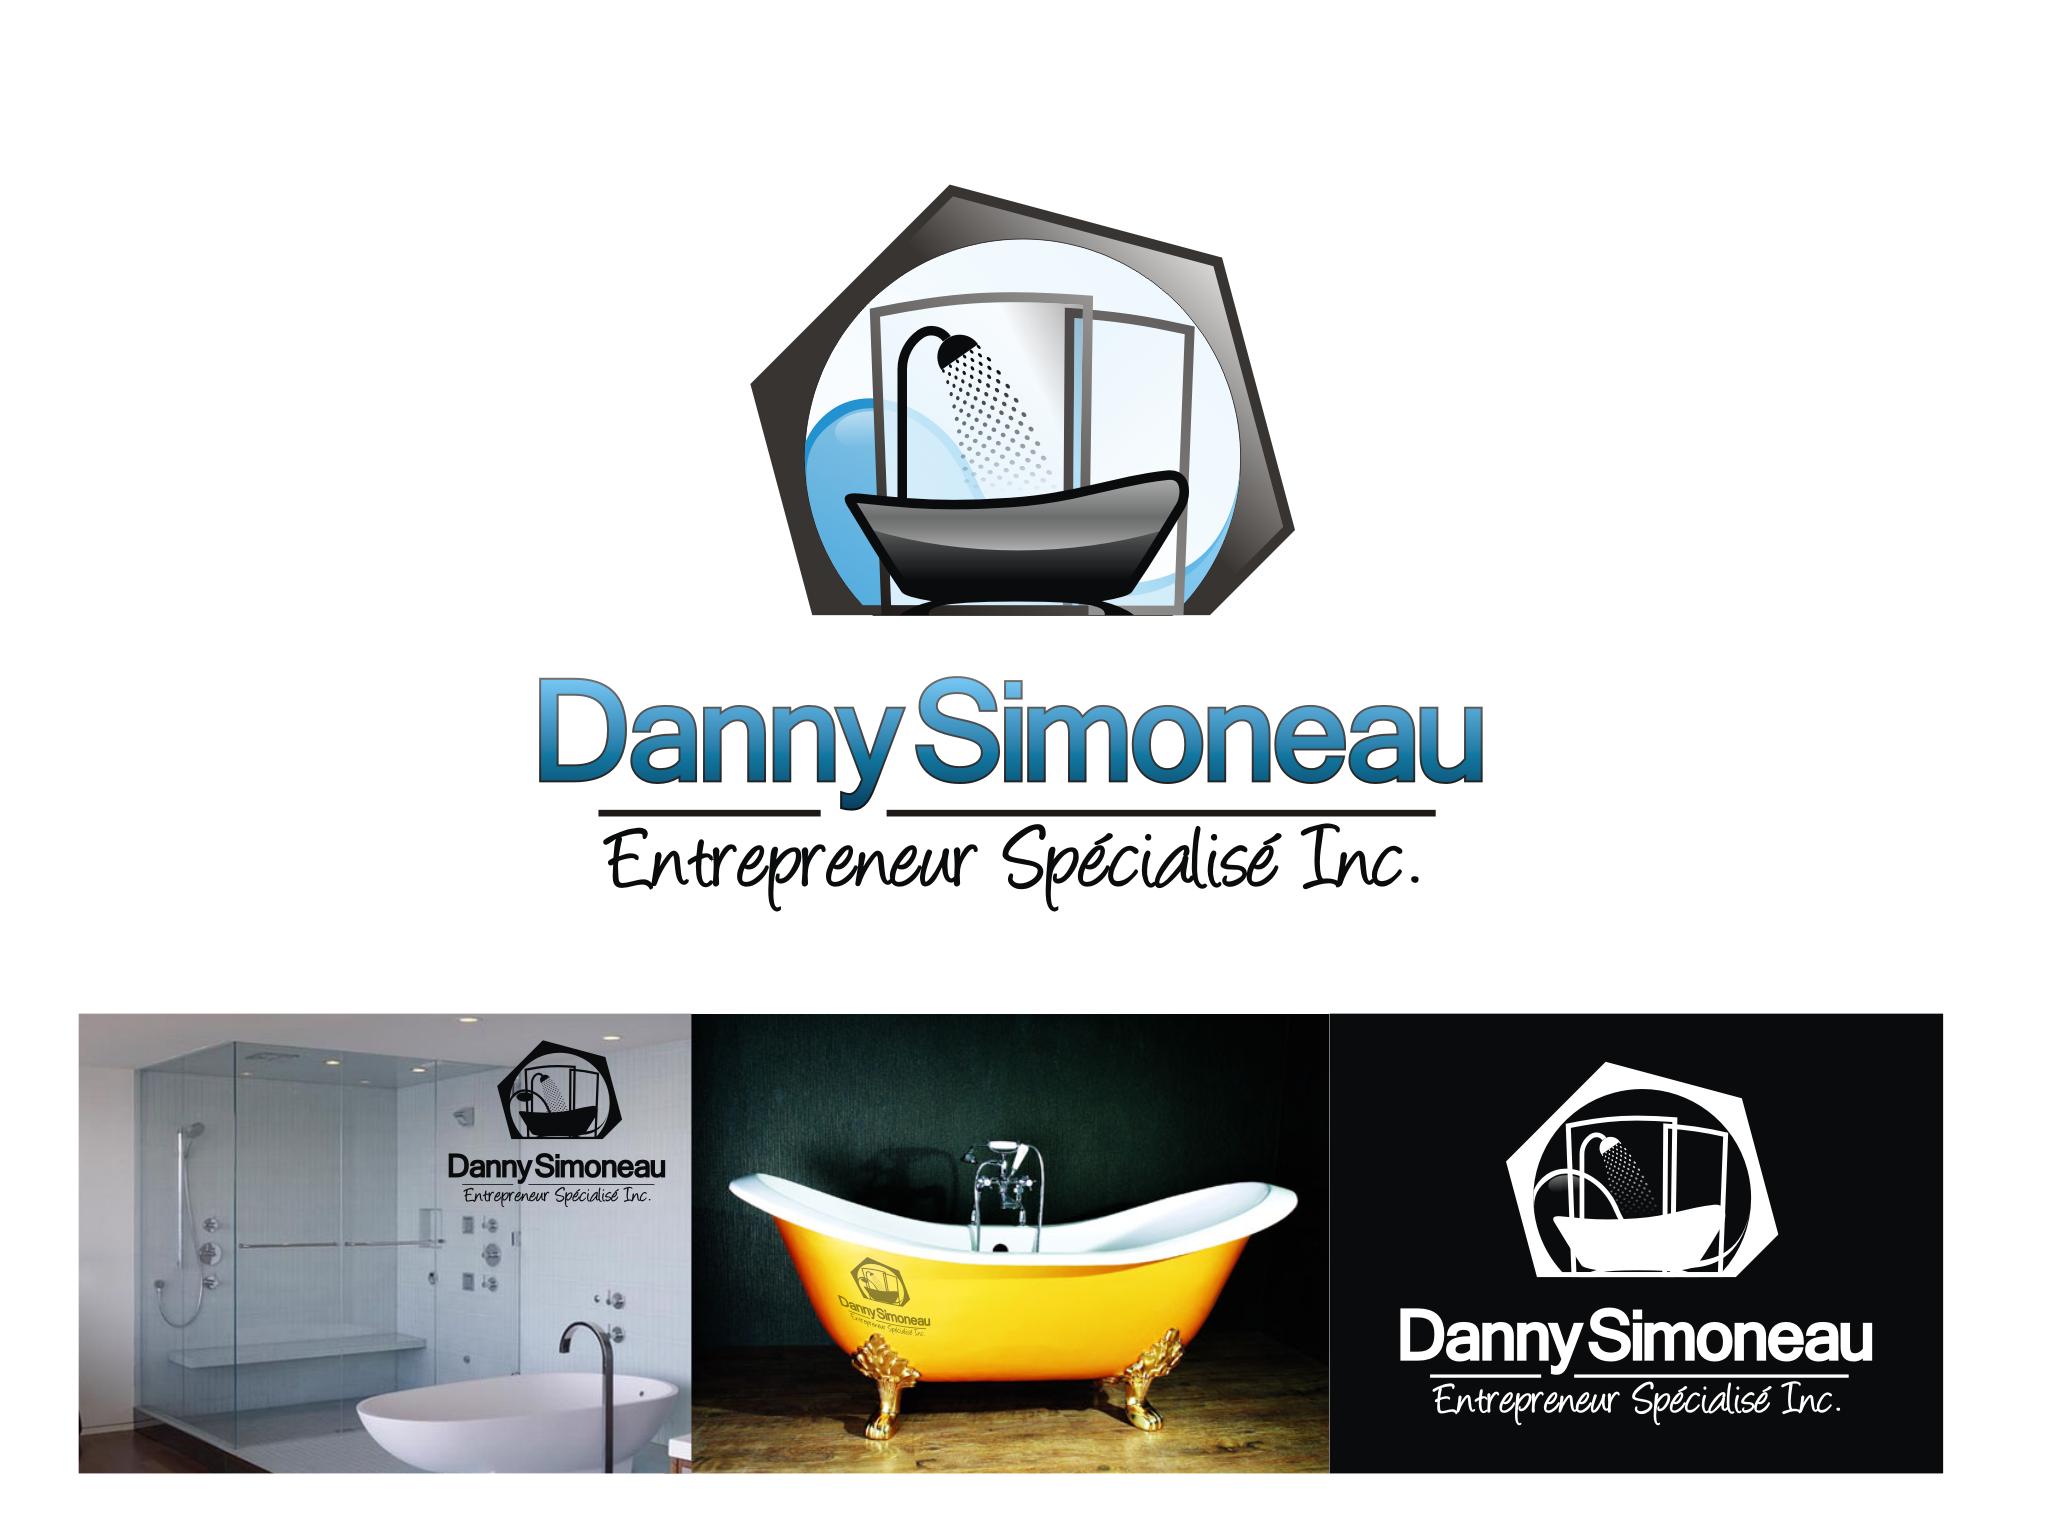 logo for Danny Simoneau Entrepreneur Spécialisé Inc.